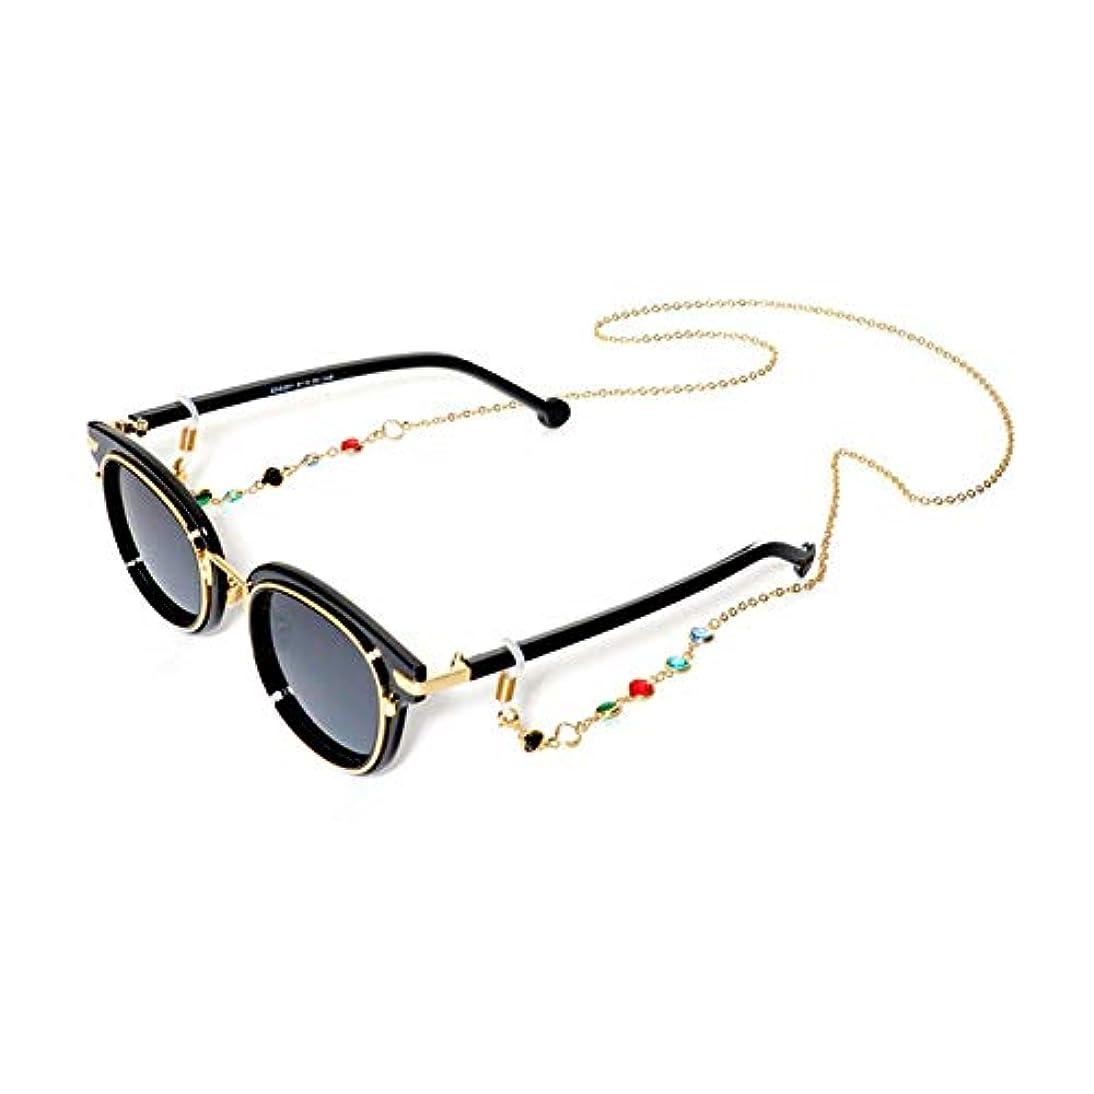 ロードハウスワーディアンケース意欲BSTOPSEL ファッションジェムメガネチェーンメガネ老眼鏡メガネメガネホルダーストラップストラップ